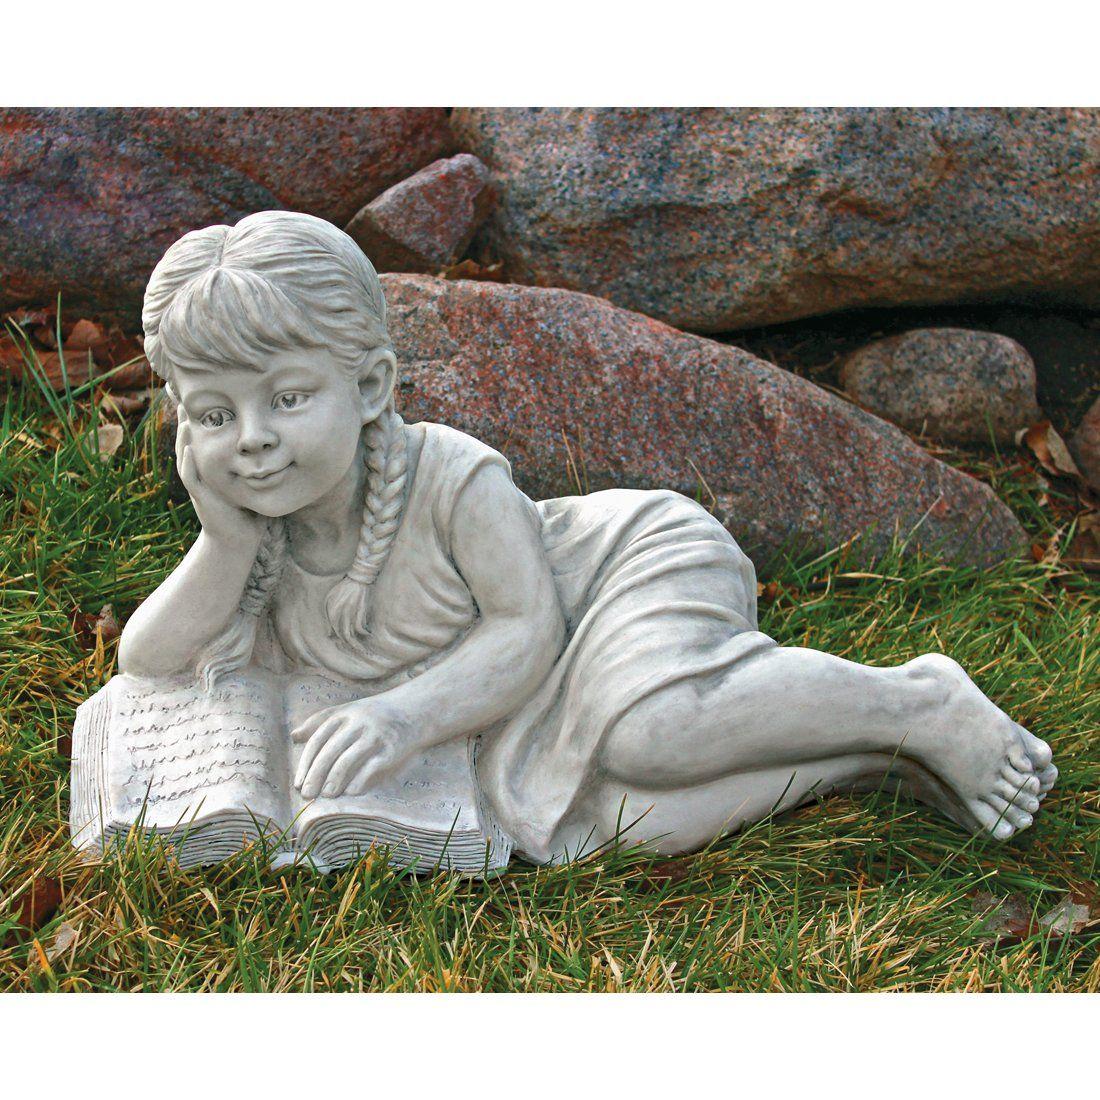 Design Toscano SH38038813 Reading Rebecca Garden Scholar Statue at ATG Stores